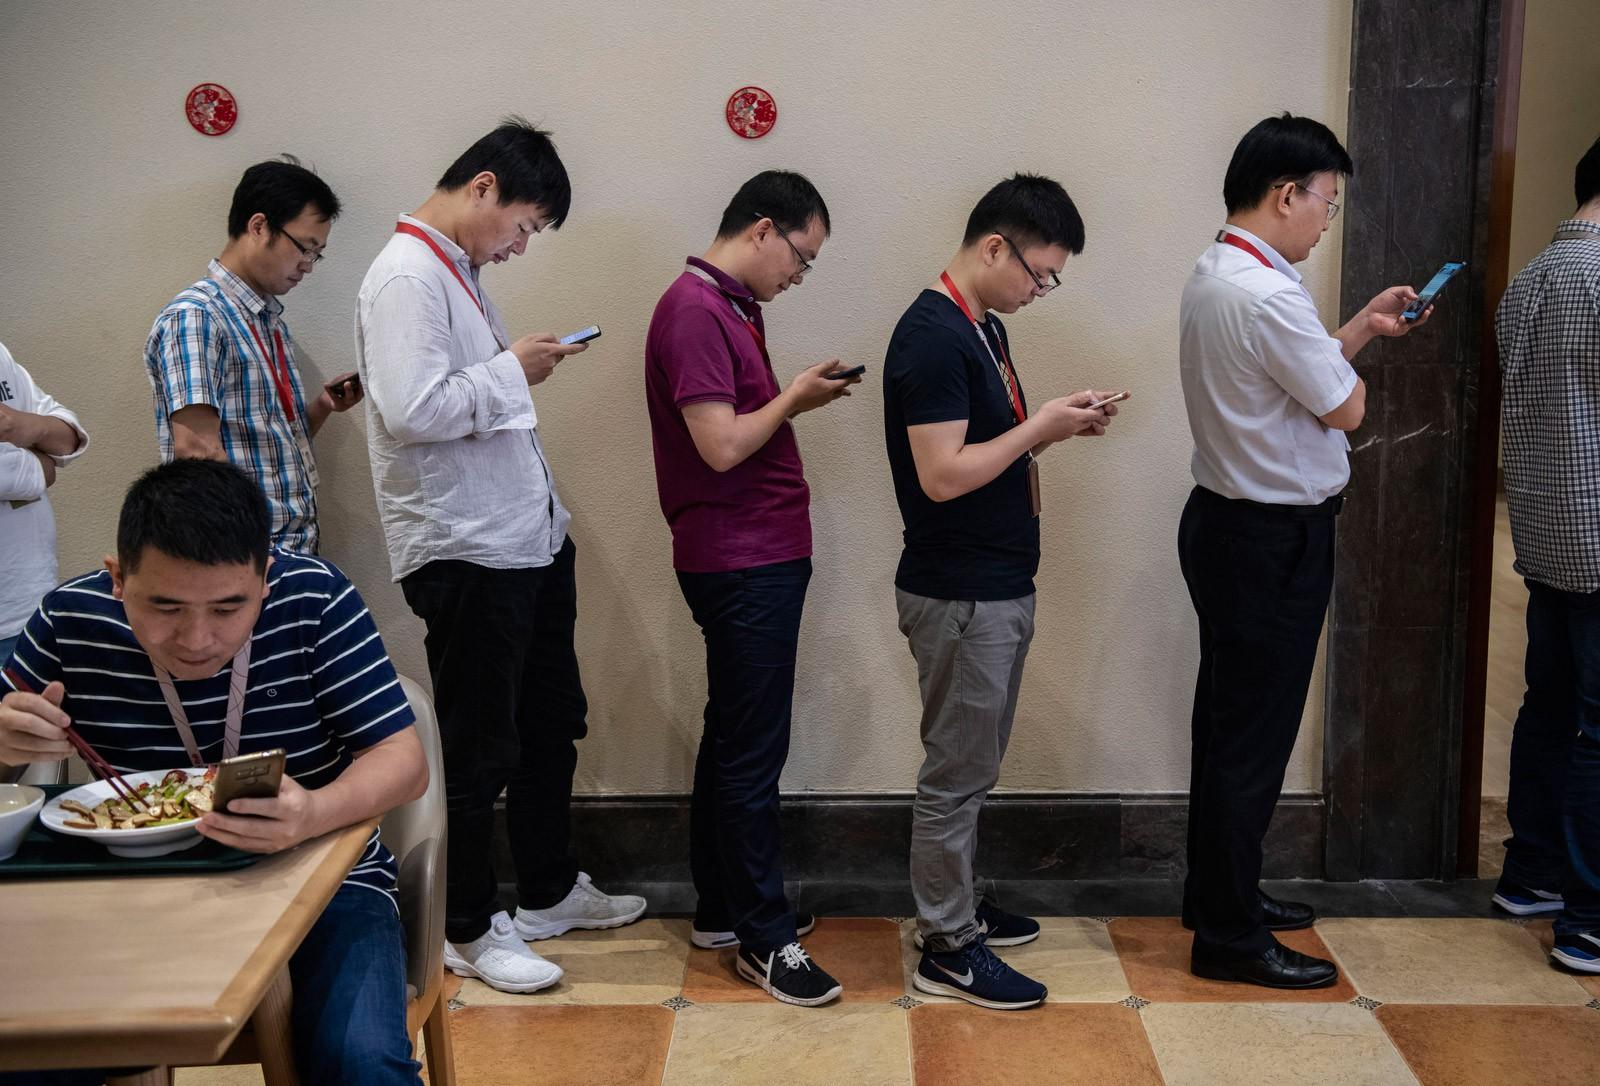 Bên trong Huawei: Đế chế công nghệ bí ẩn của thế giới nhưng là niềm mơ ước của người lao động Trung Quốc - Ảnh 11.